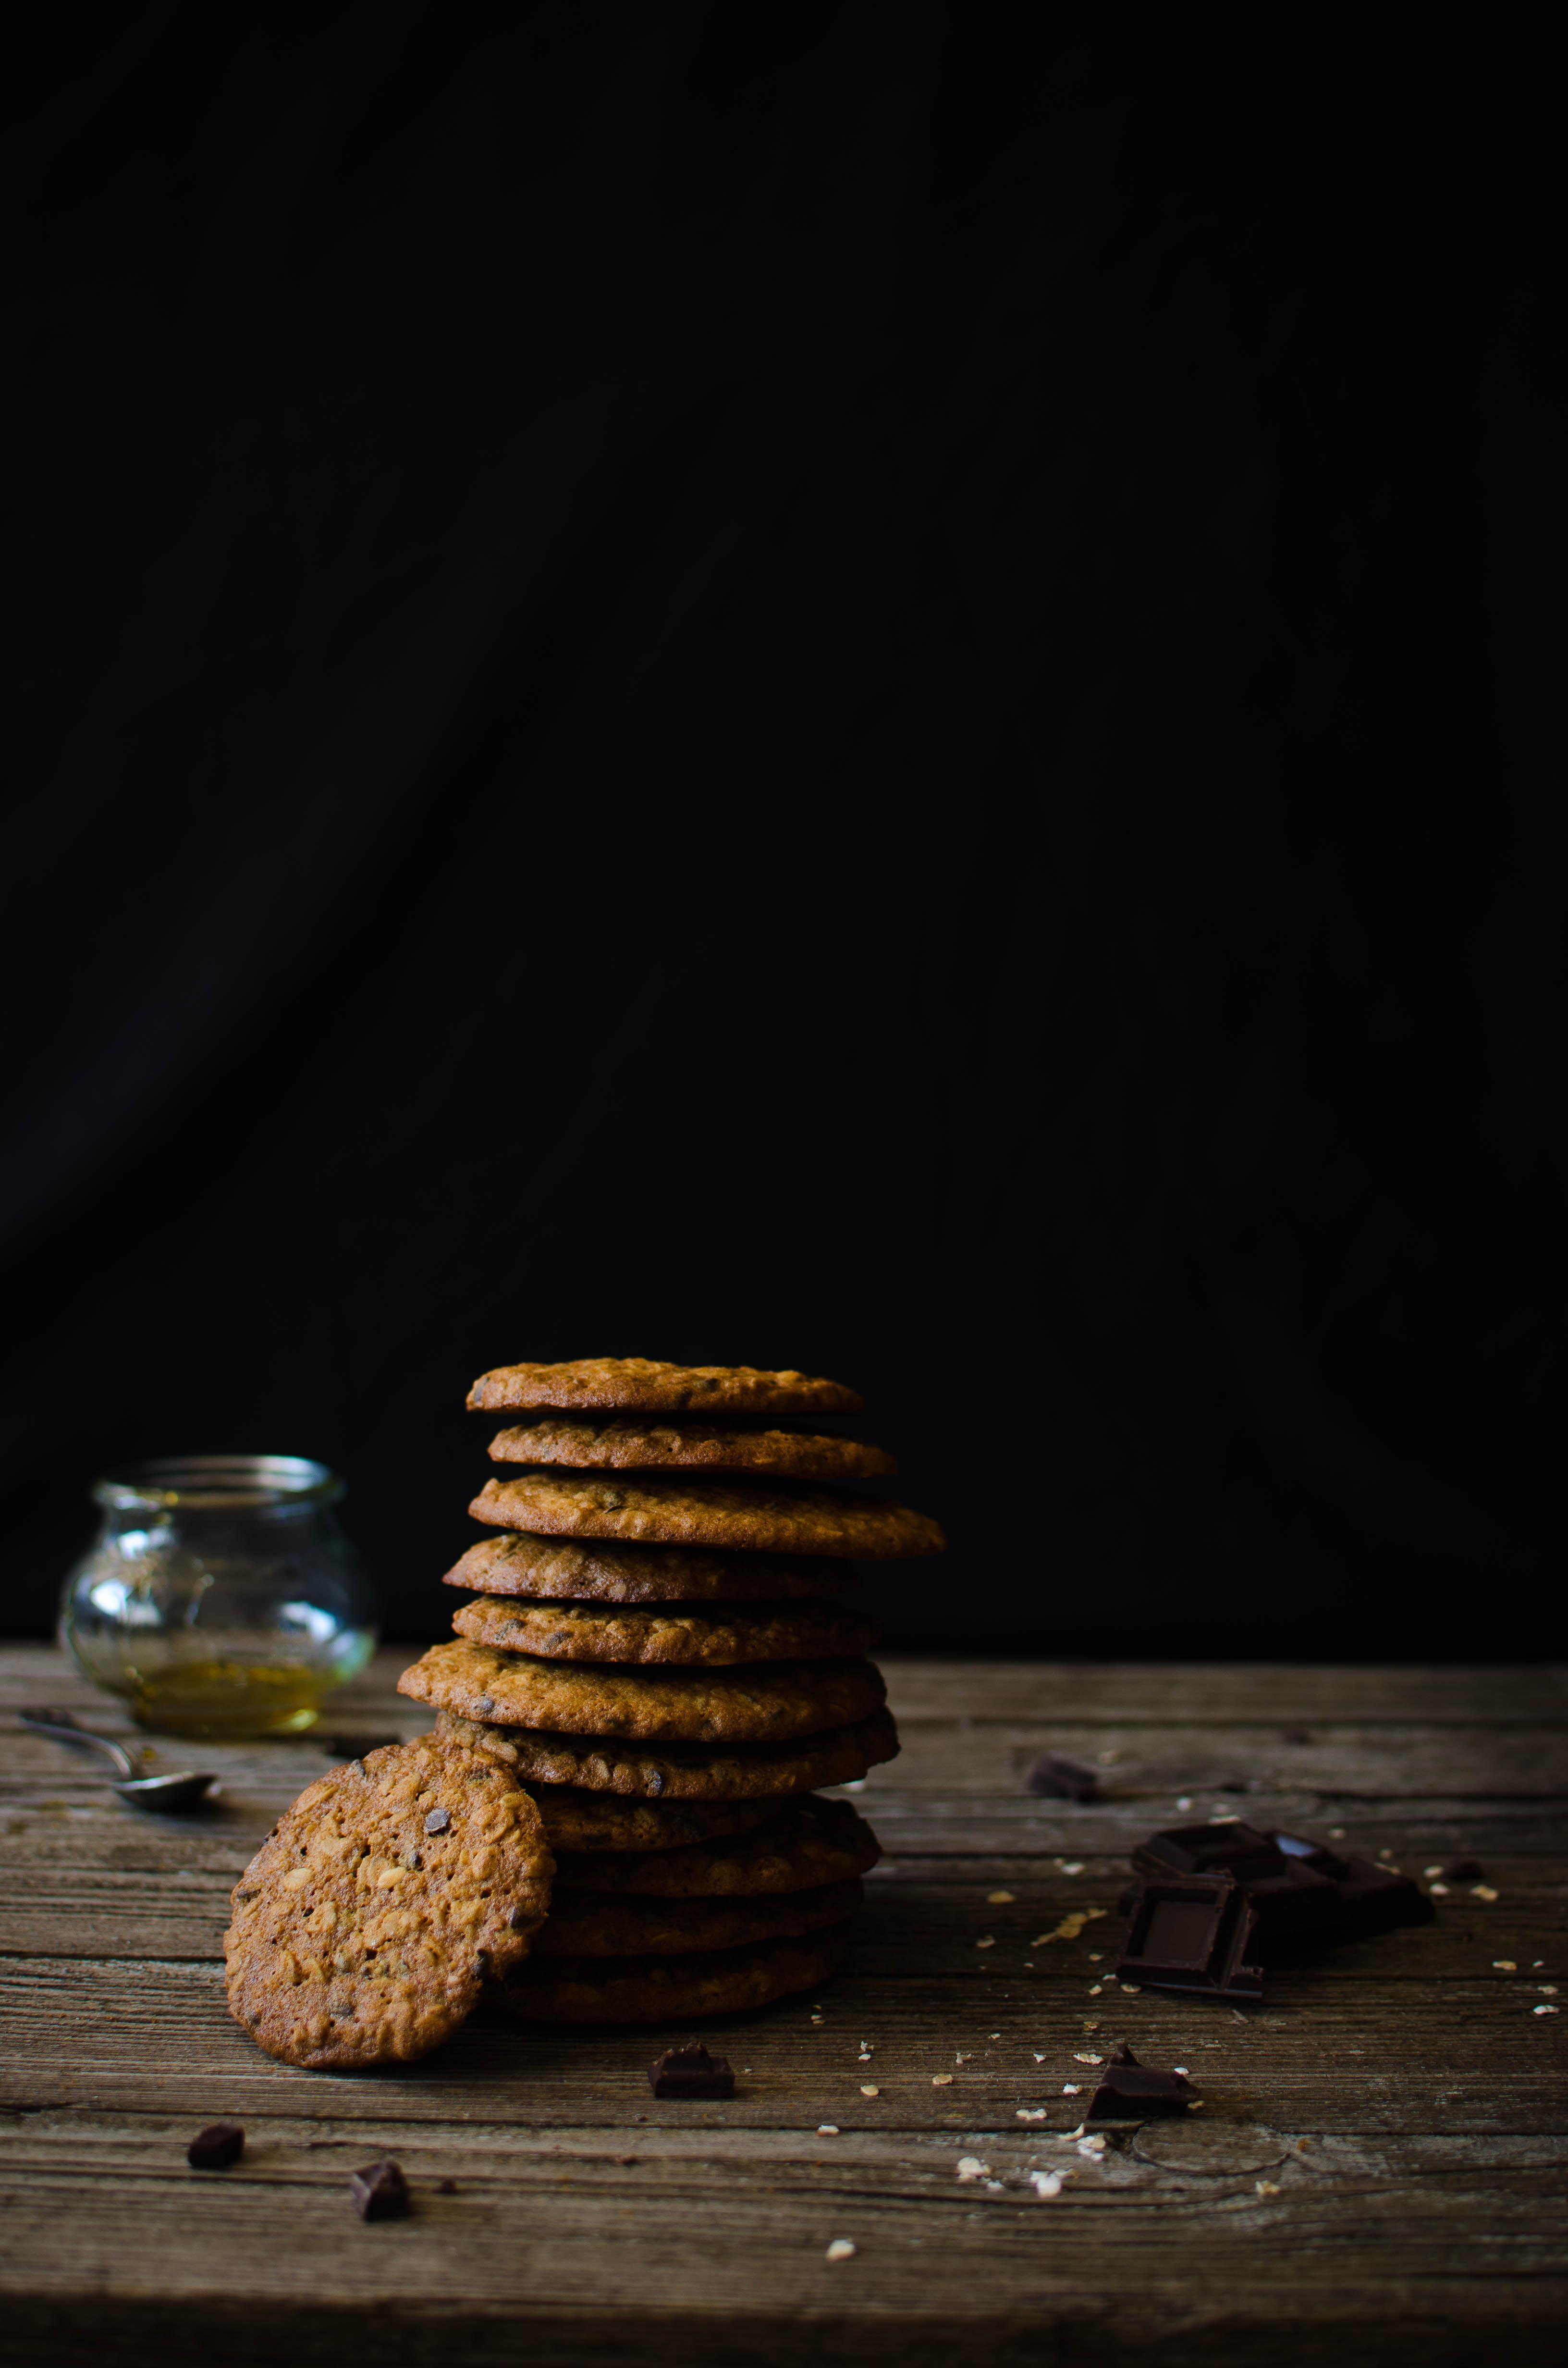 cookies_mielecioccolato Cookies al miele di castagno e cioccolato fondente